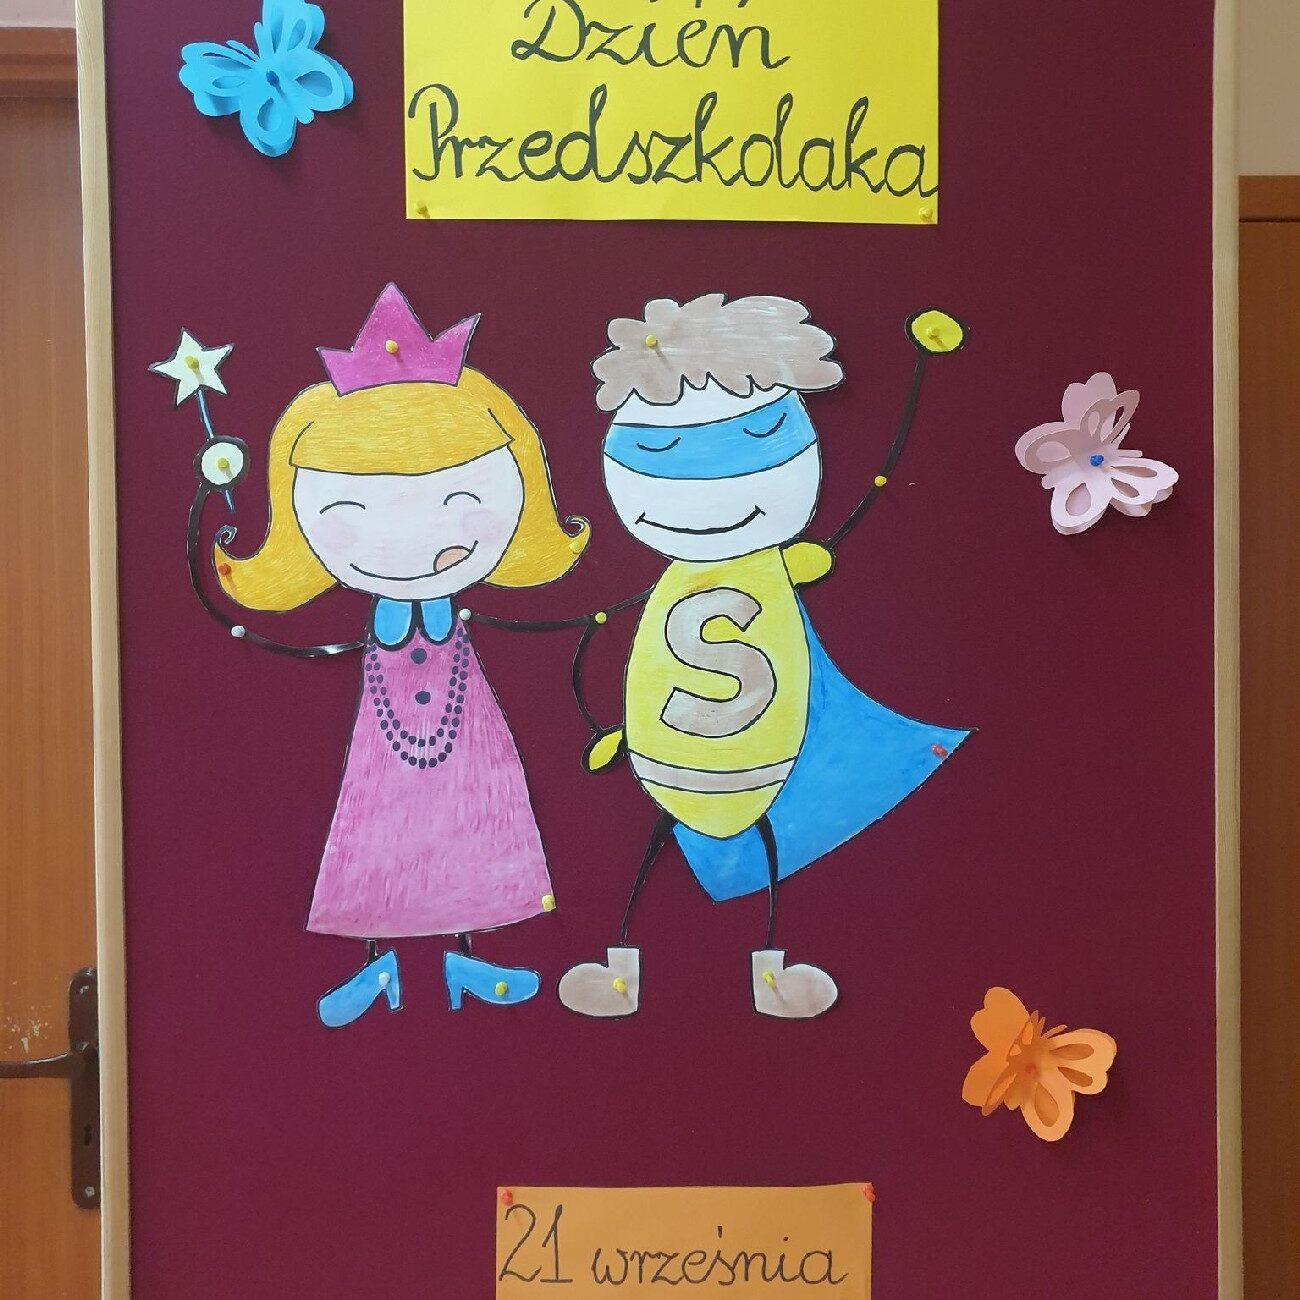 dzień przedszkolaka_smyk (9)